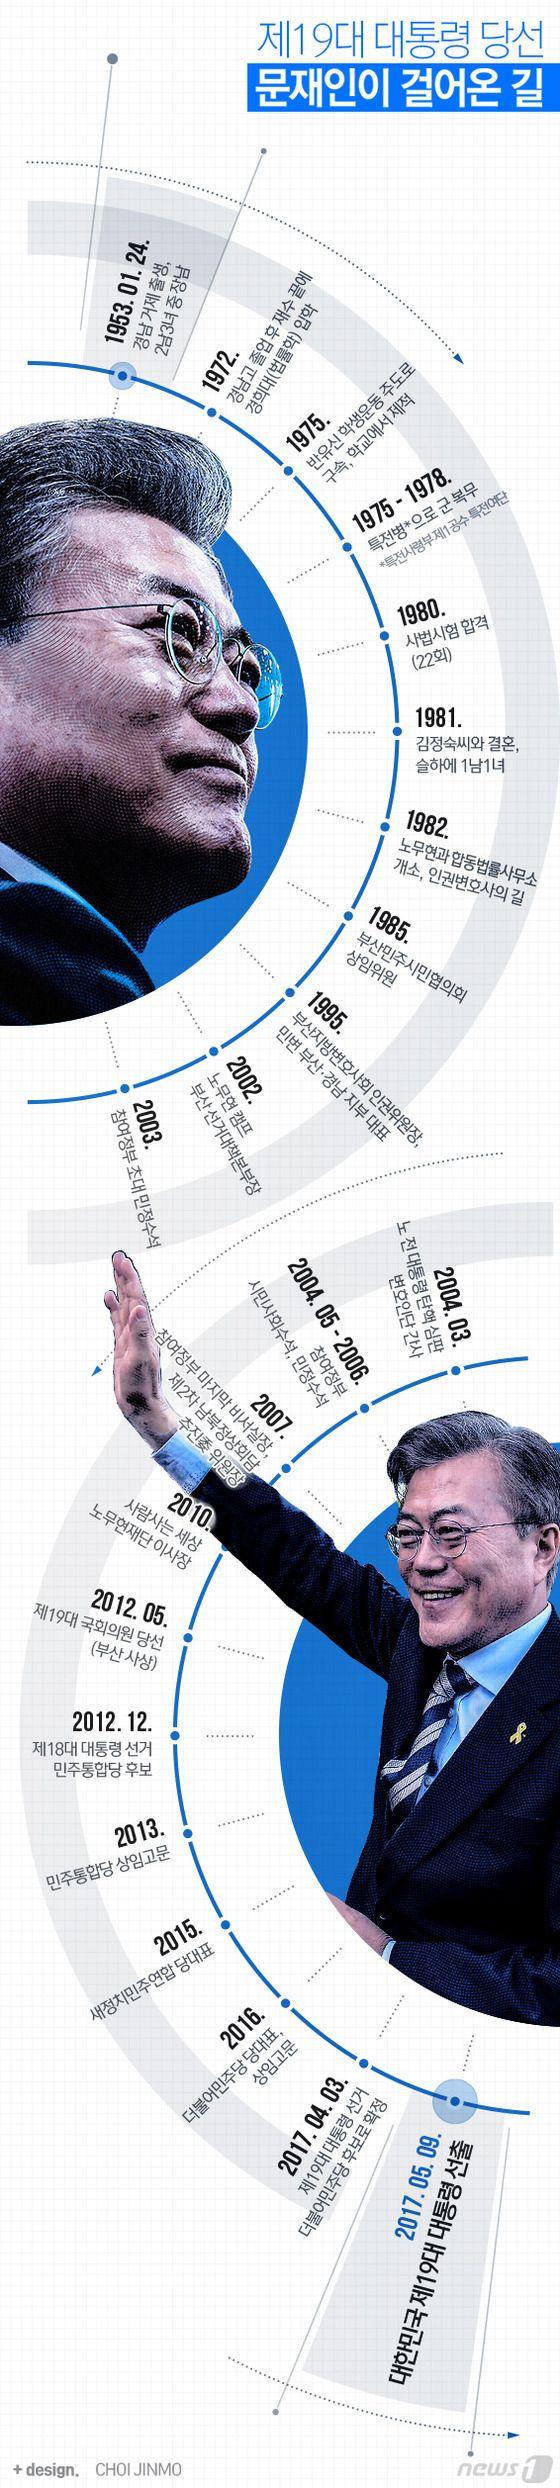 [그래픽뉴스]제19대 대통령 당선인 문재인이 걸어온 길  http://news1.kr/photos/details/?2532700  Designer, Jinmo Choi.  #inforgraphic #inforgraphics #design #graphic #graphics #인포그래픽 #뉴스1 #뉴스원 [© 뉴스1코리아(news1.kr), 무단 전재 및 재배포 금지]